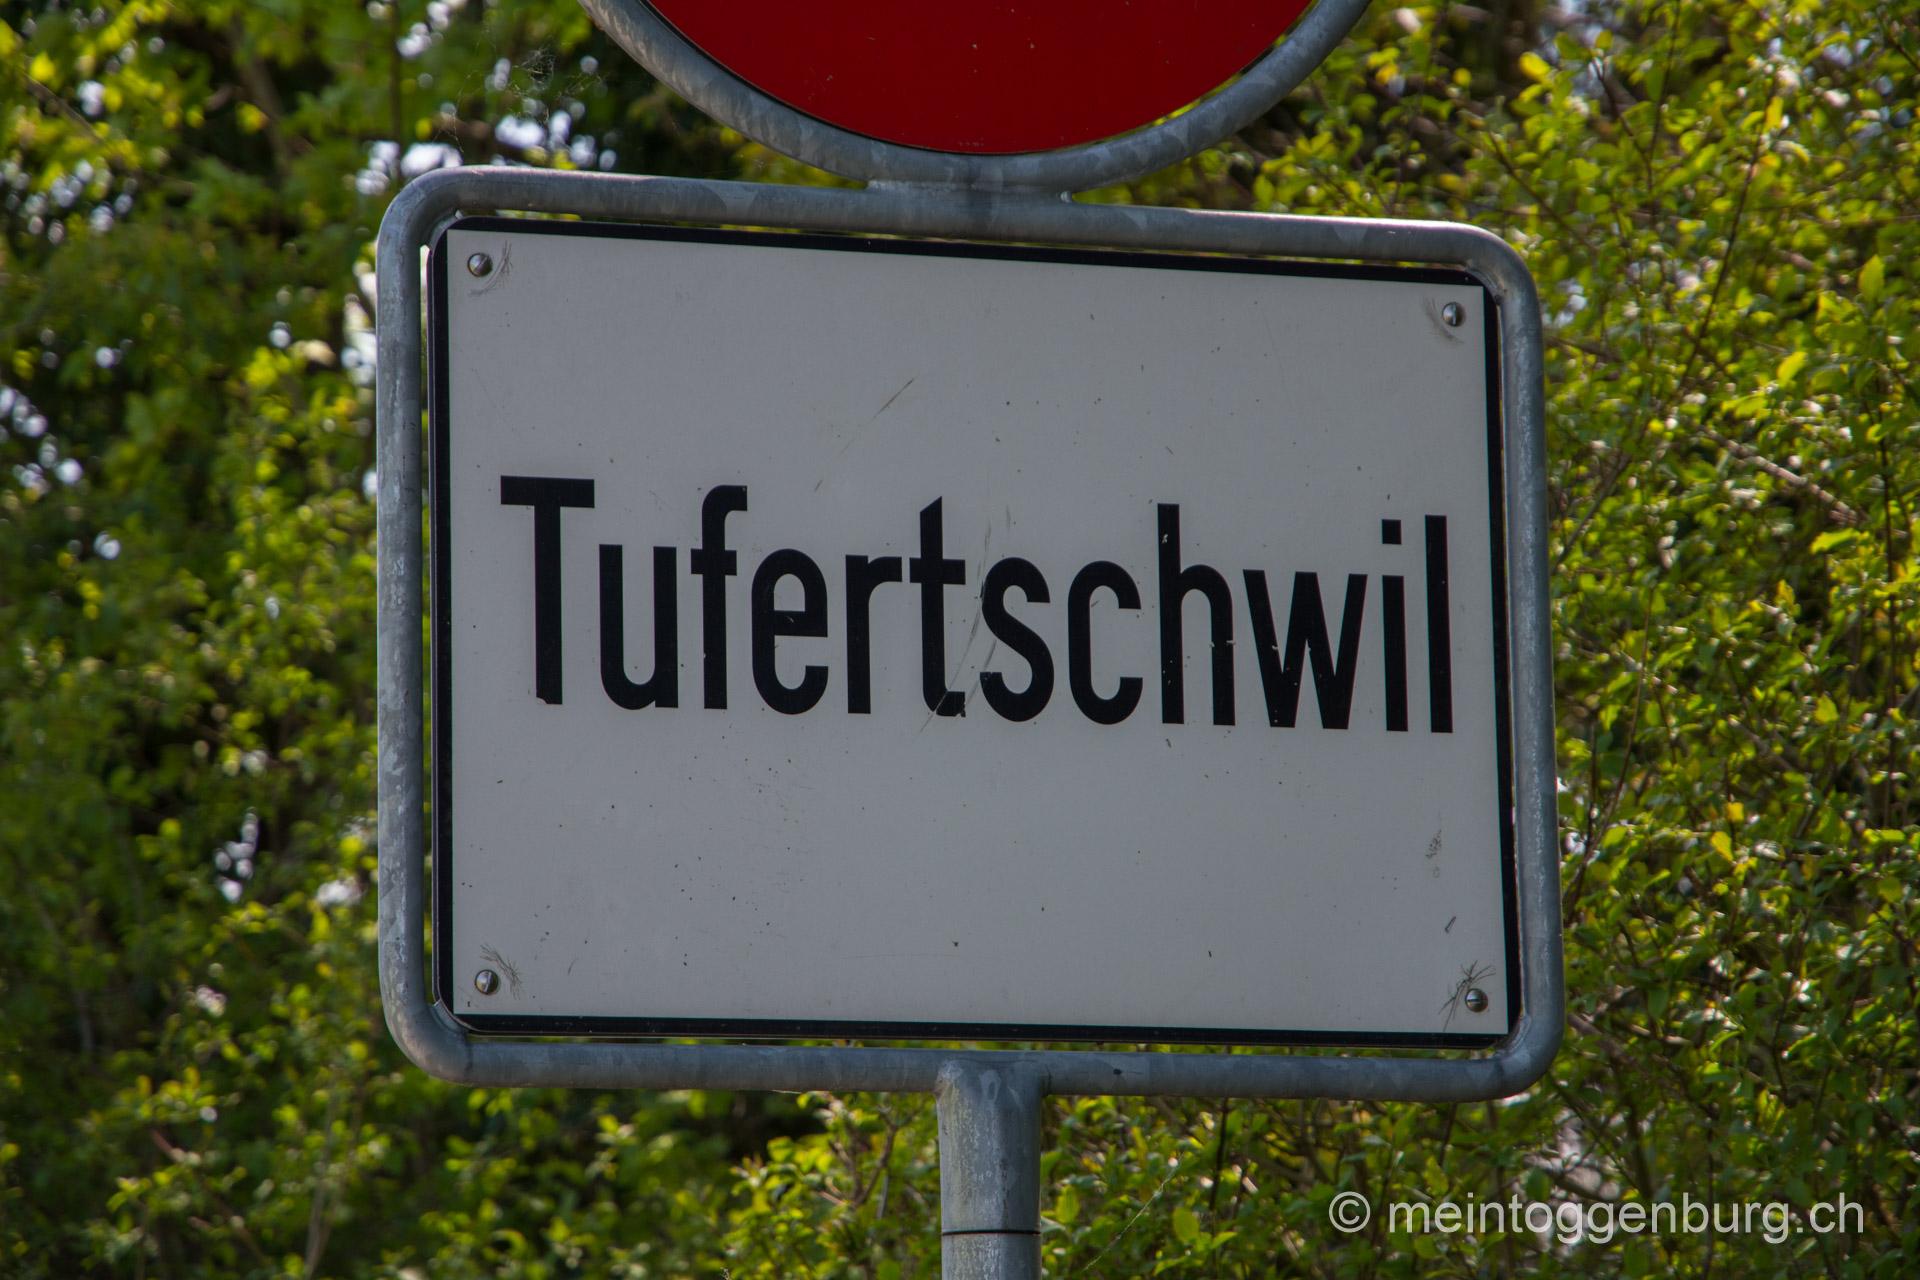 Windrädliweg Tufertschwil